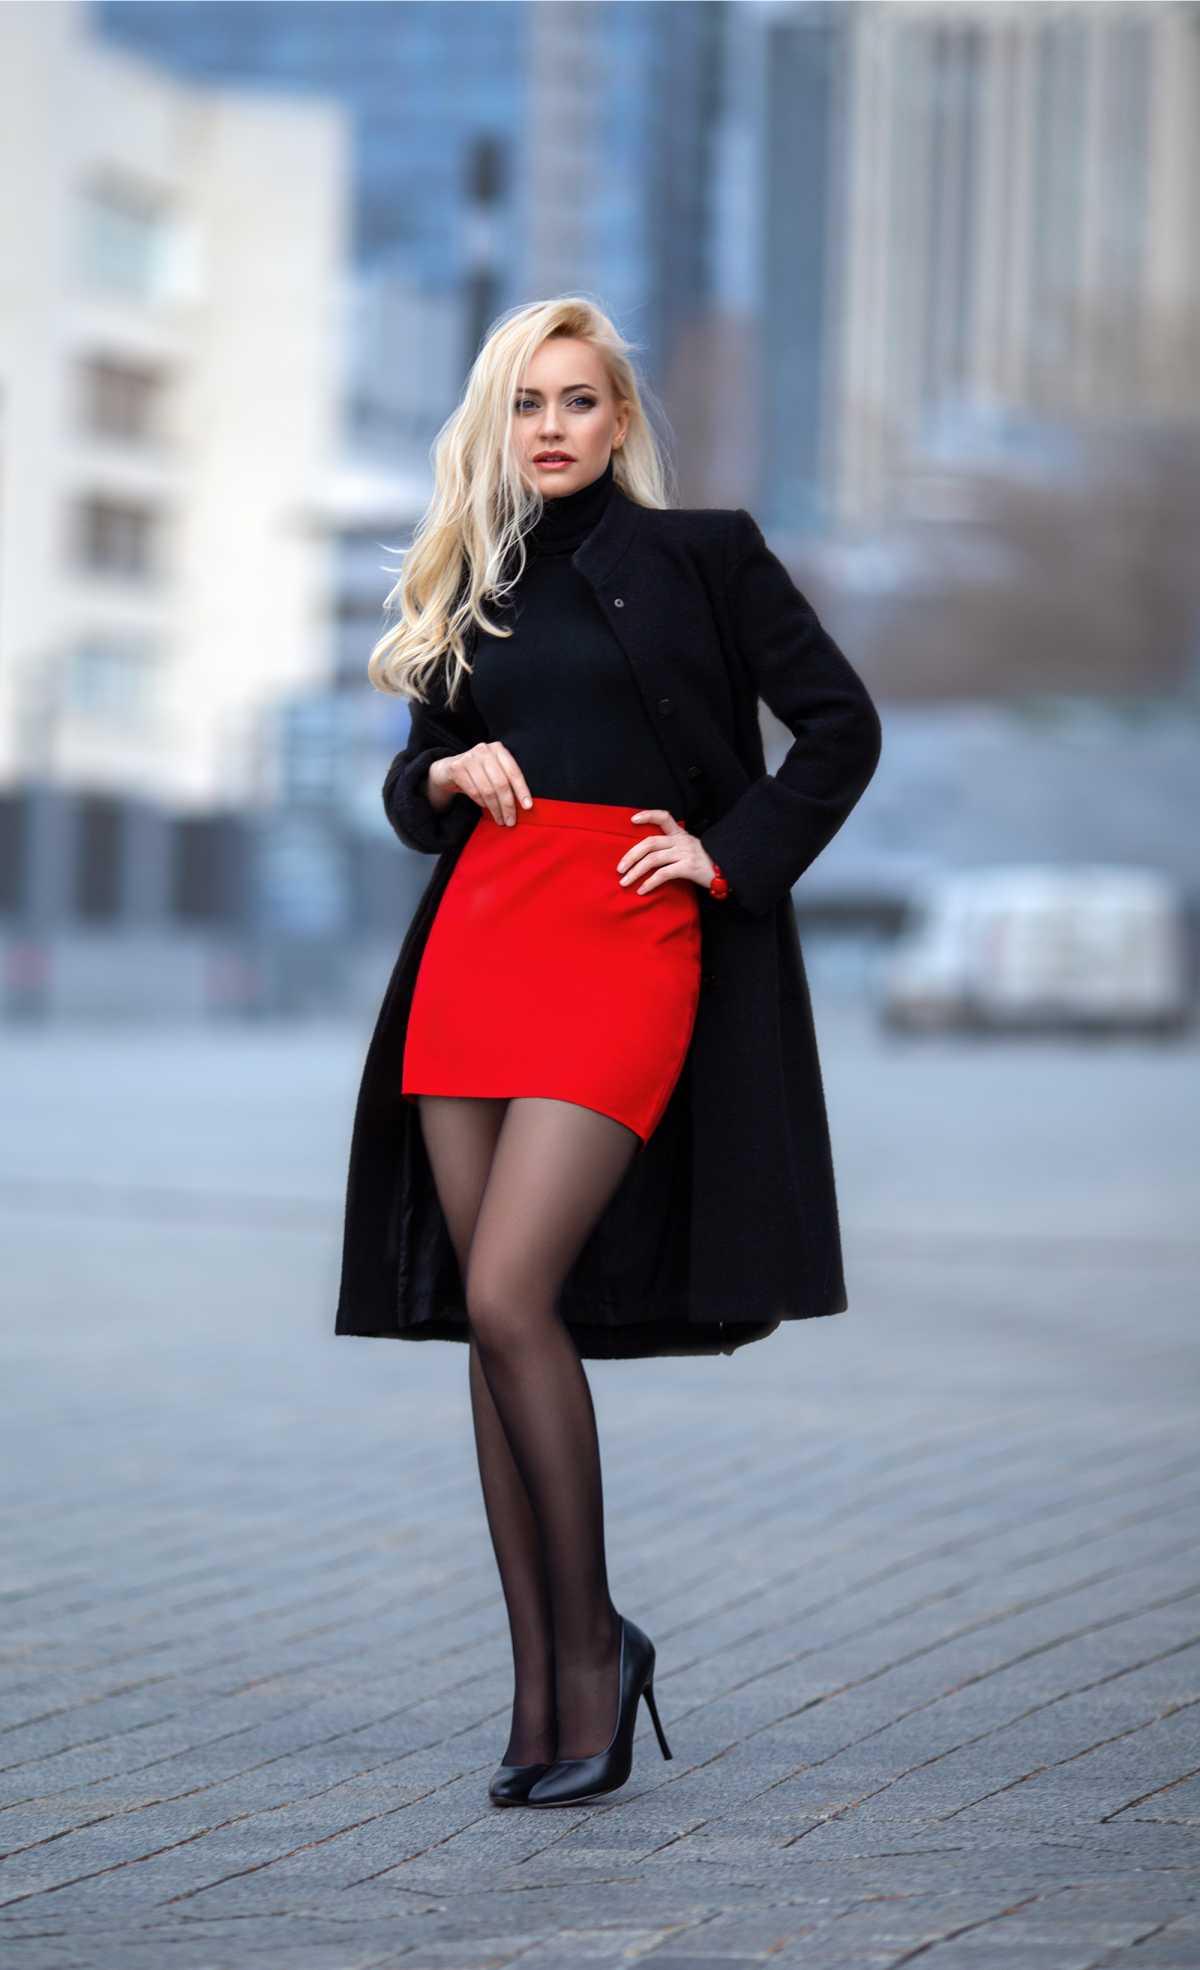 saia vermelha com sobretudo preto